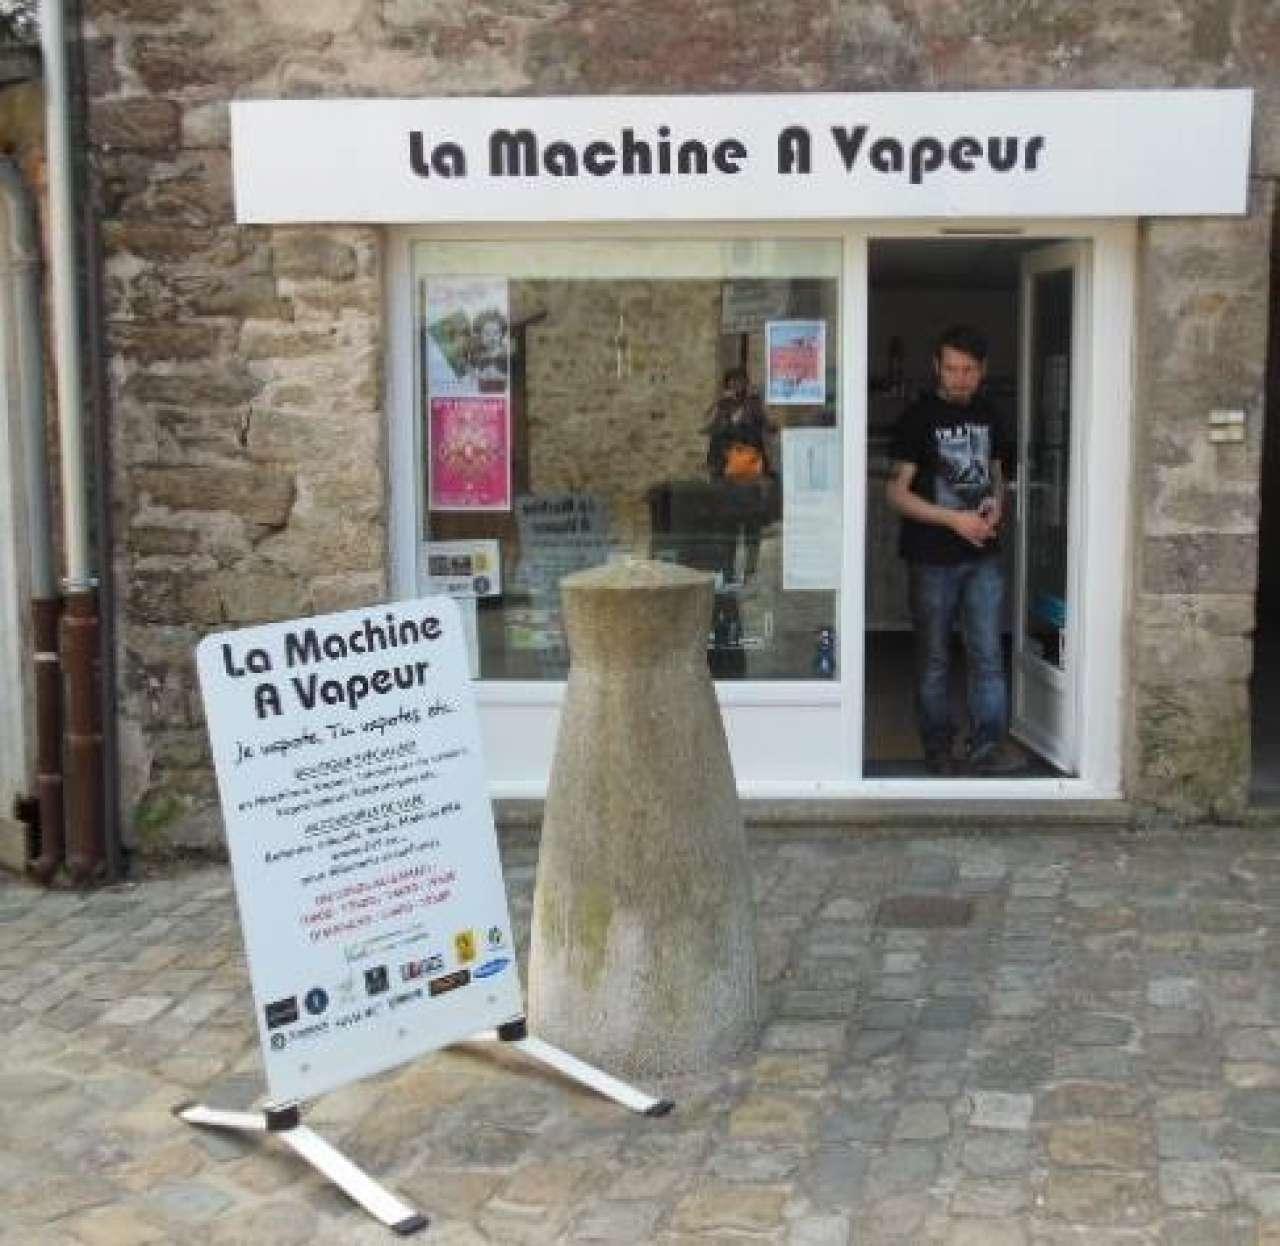 Image LA MACHINE À VAPEUR